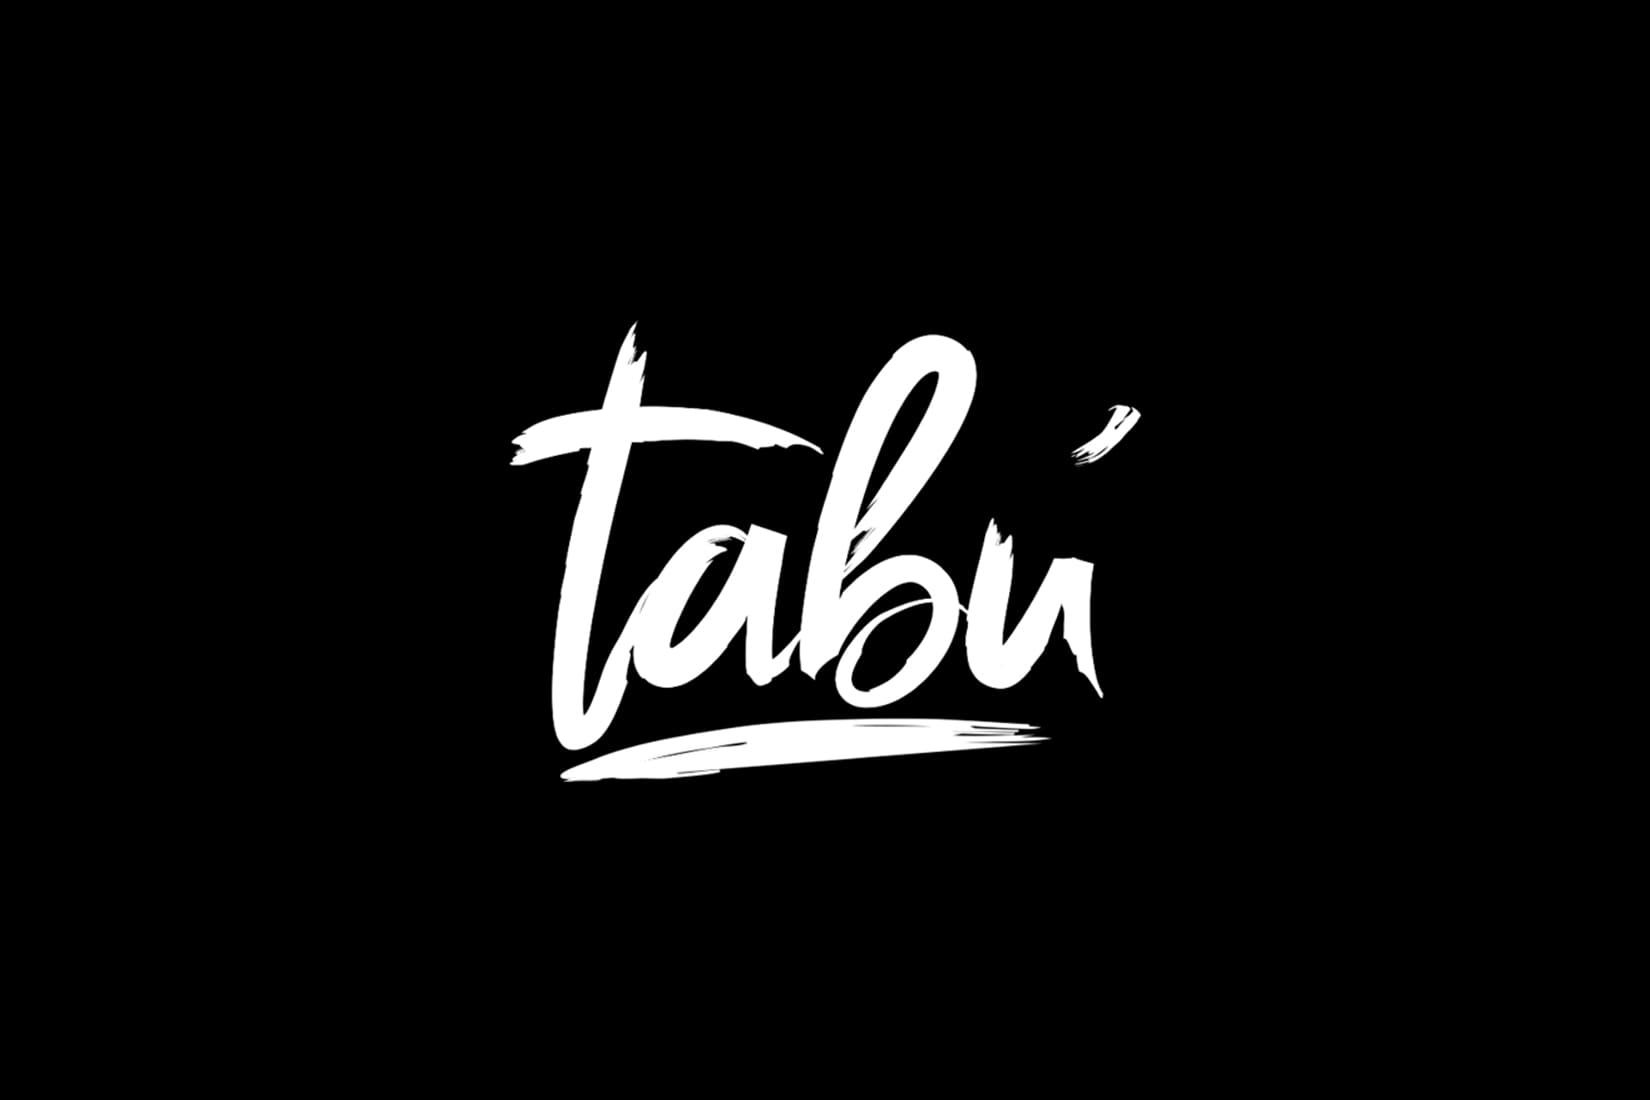 Бестабачная смесь для кальяна Tabu: описание, вкусы, миксы, отзывы